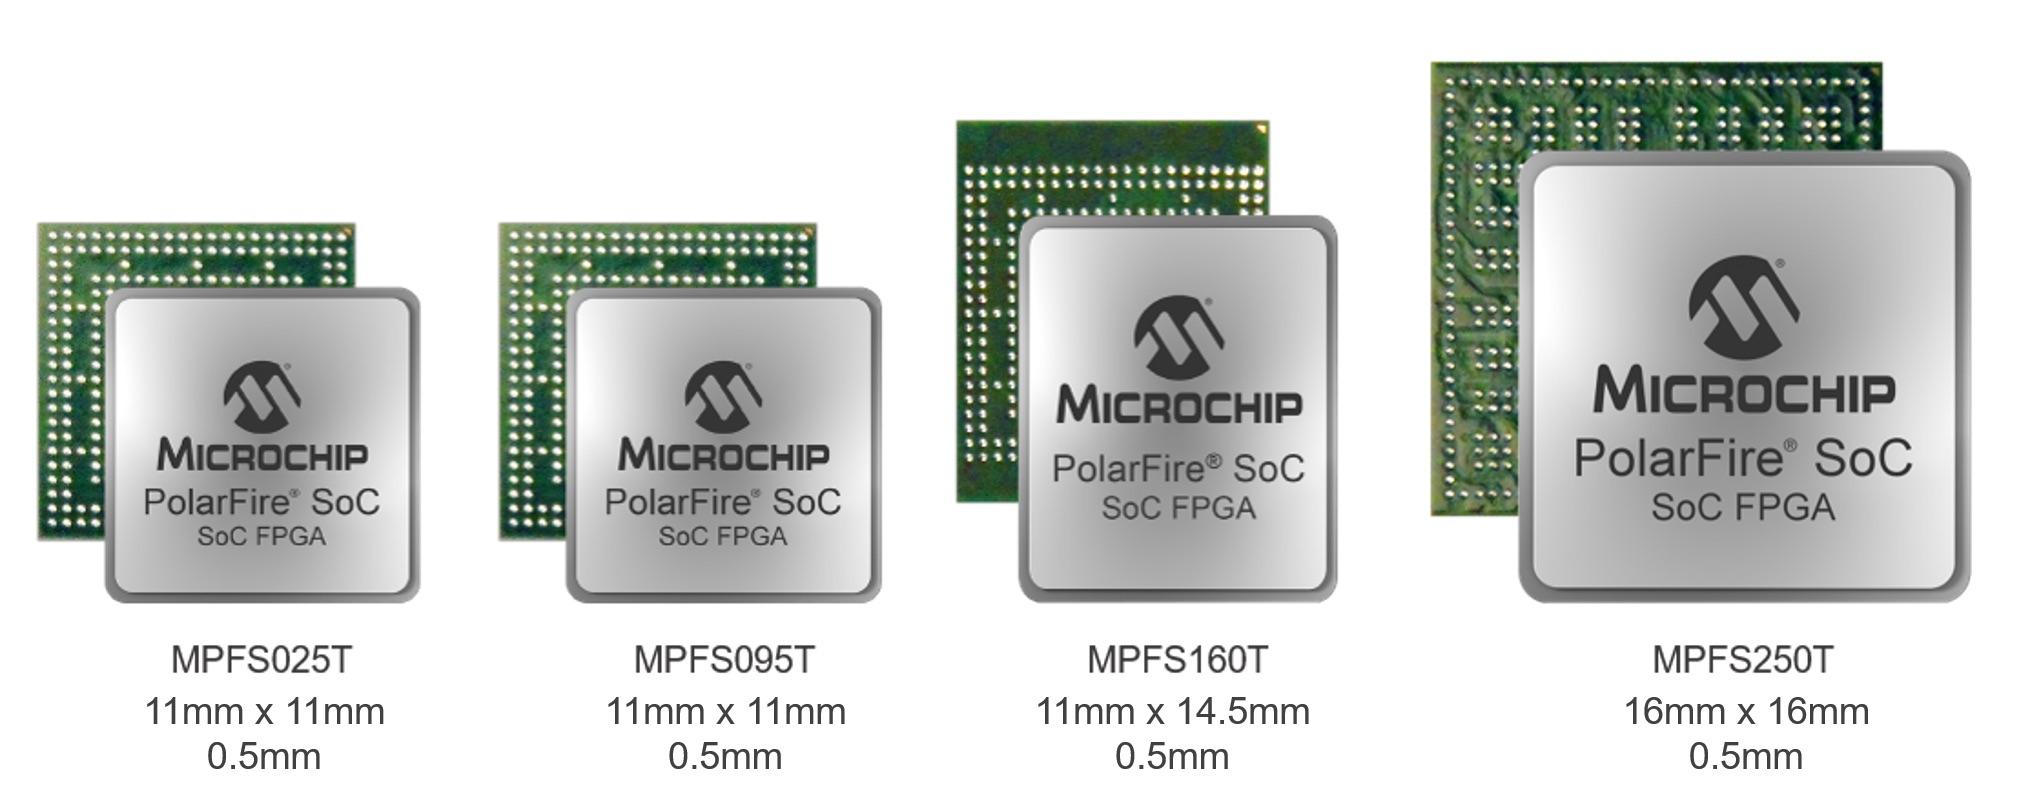 RISC-V обеспечивает инновационную архитектуру процессоров для SoC FPGA